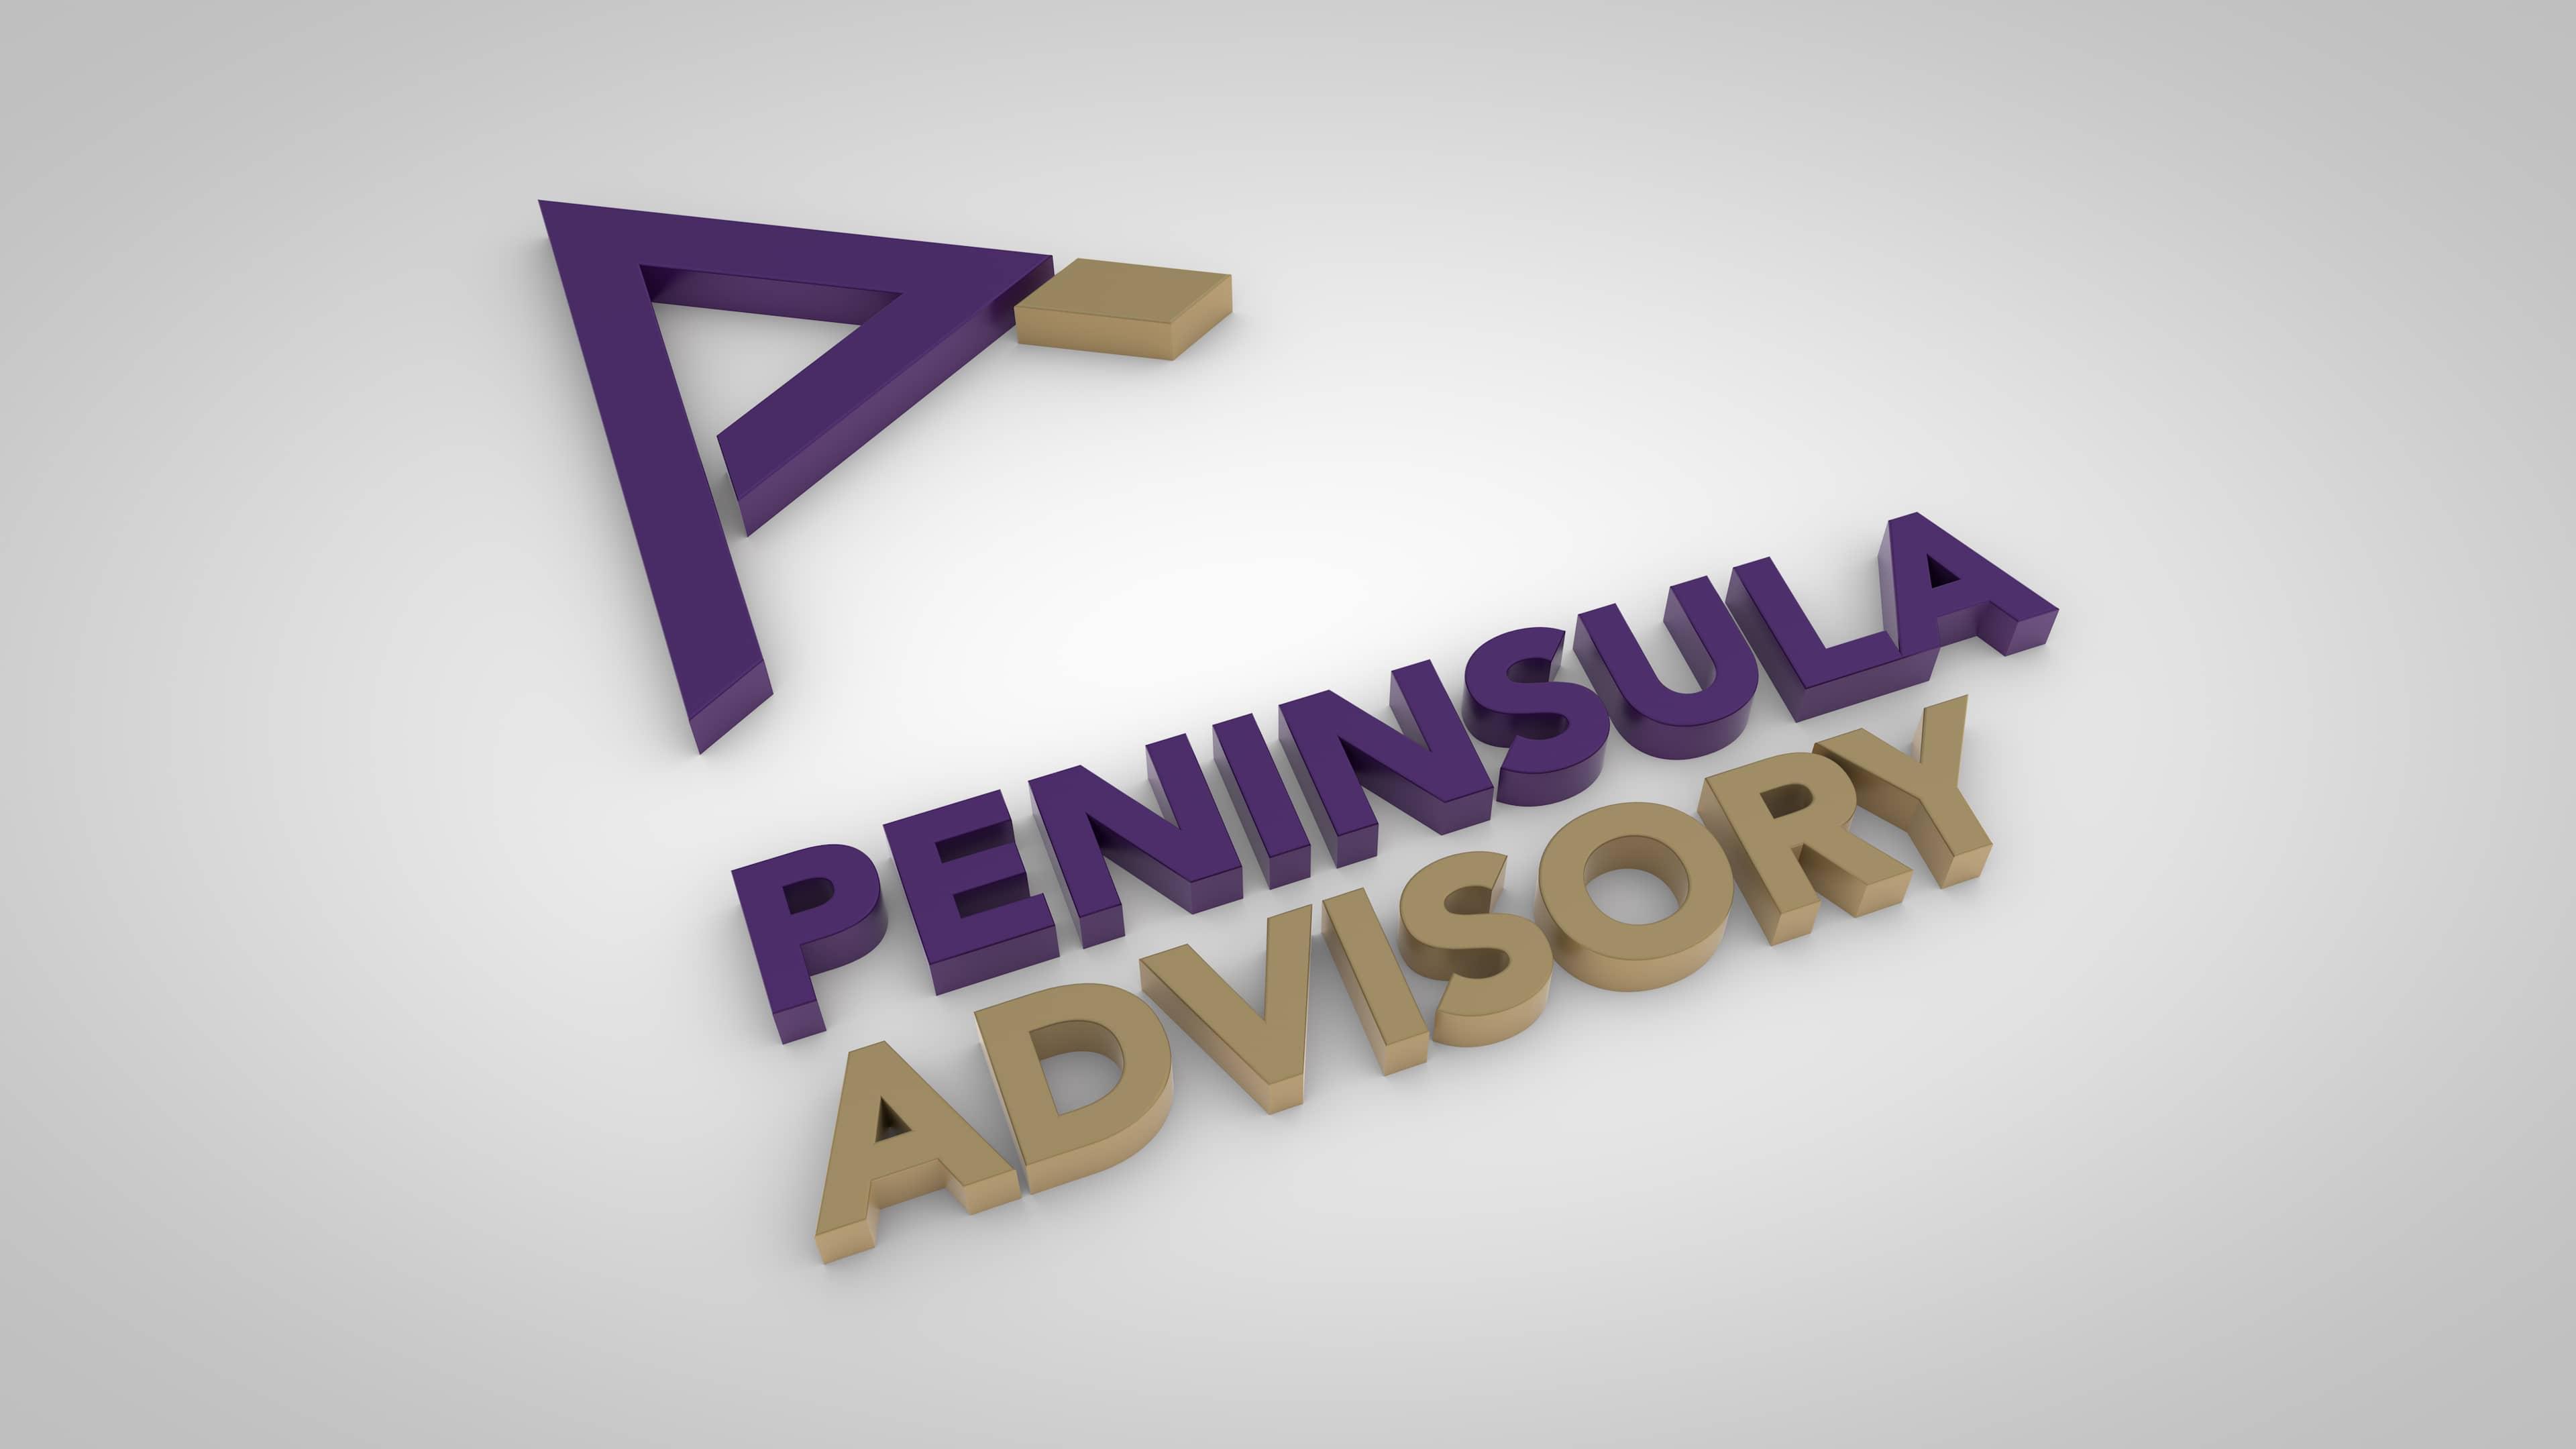 Peninsula-Logo